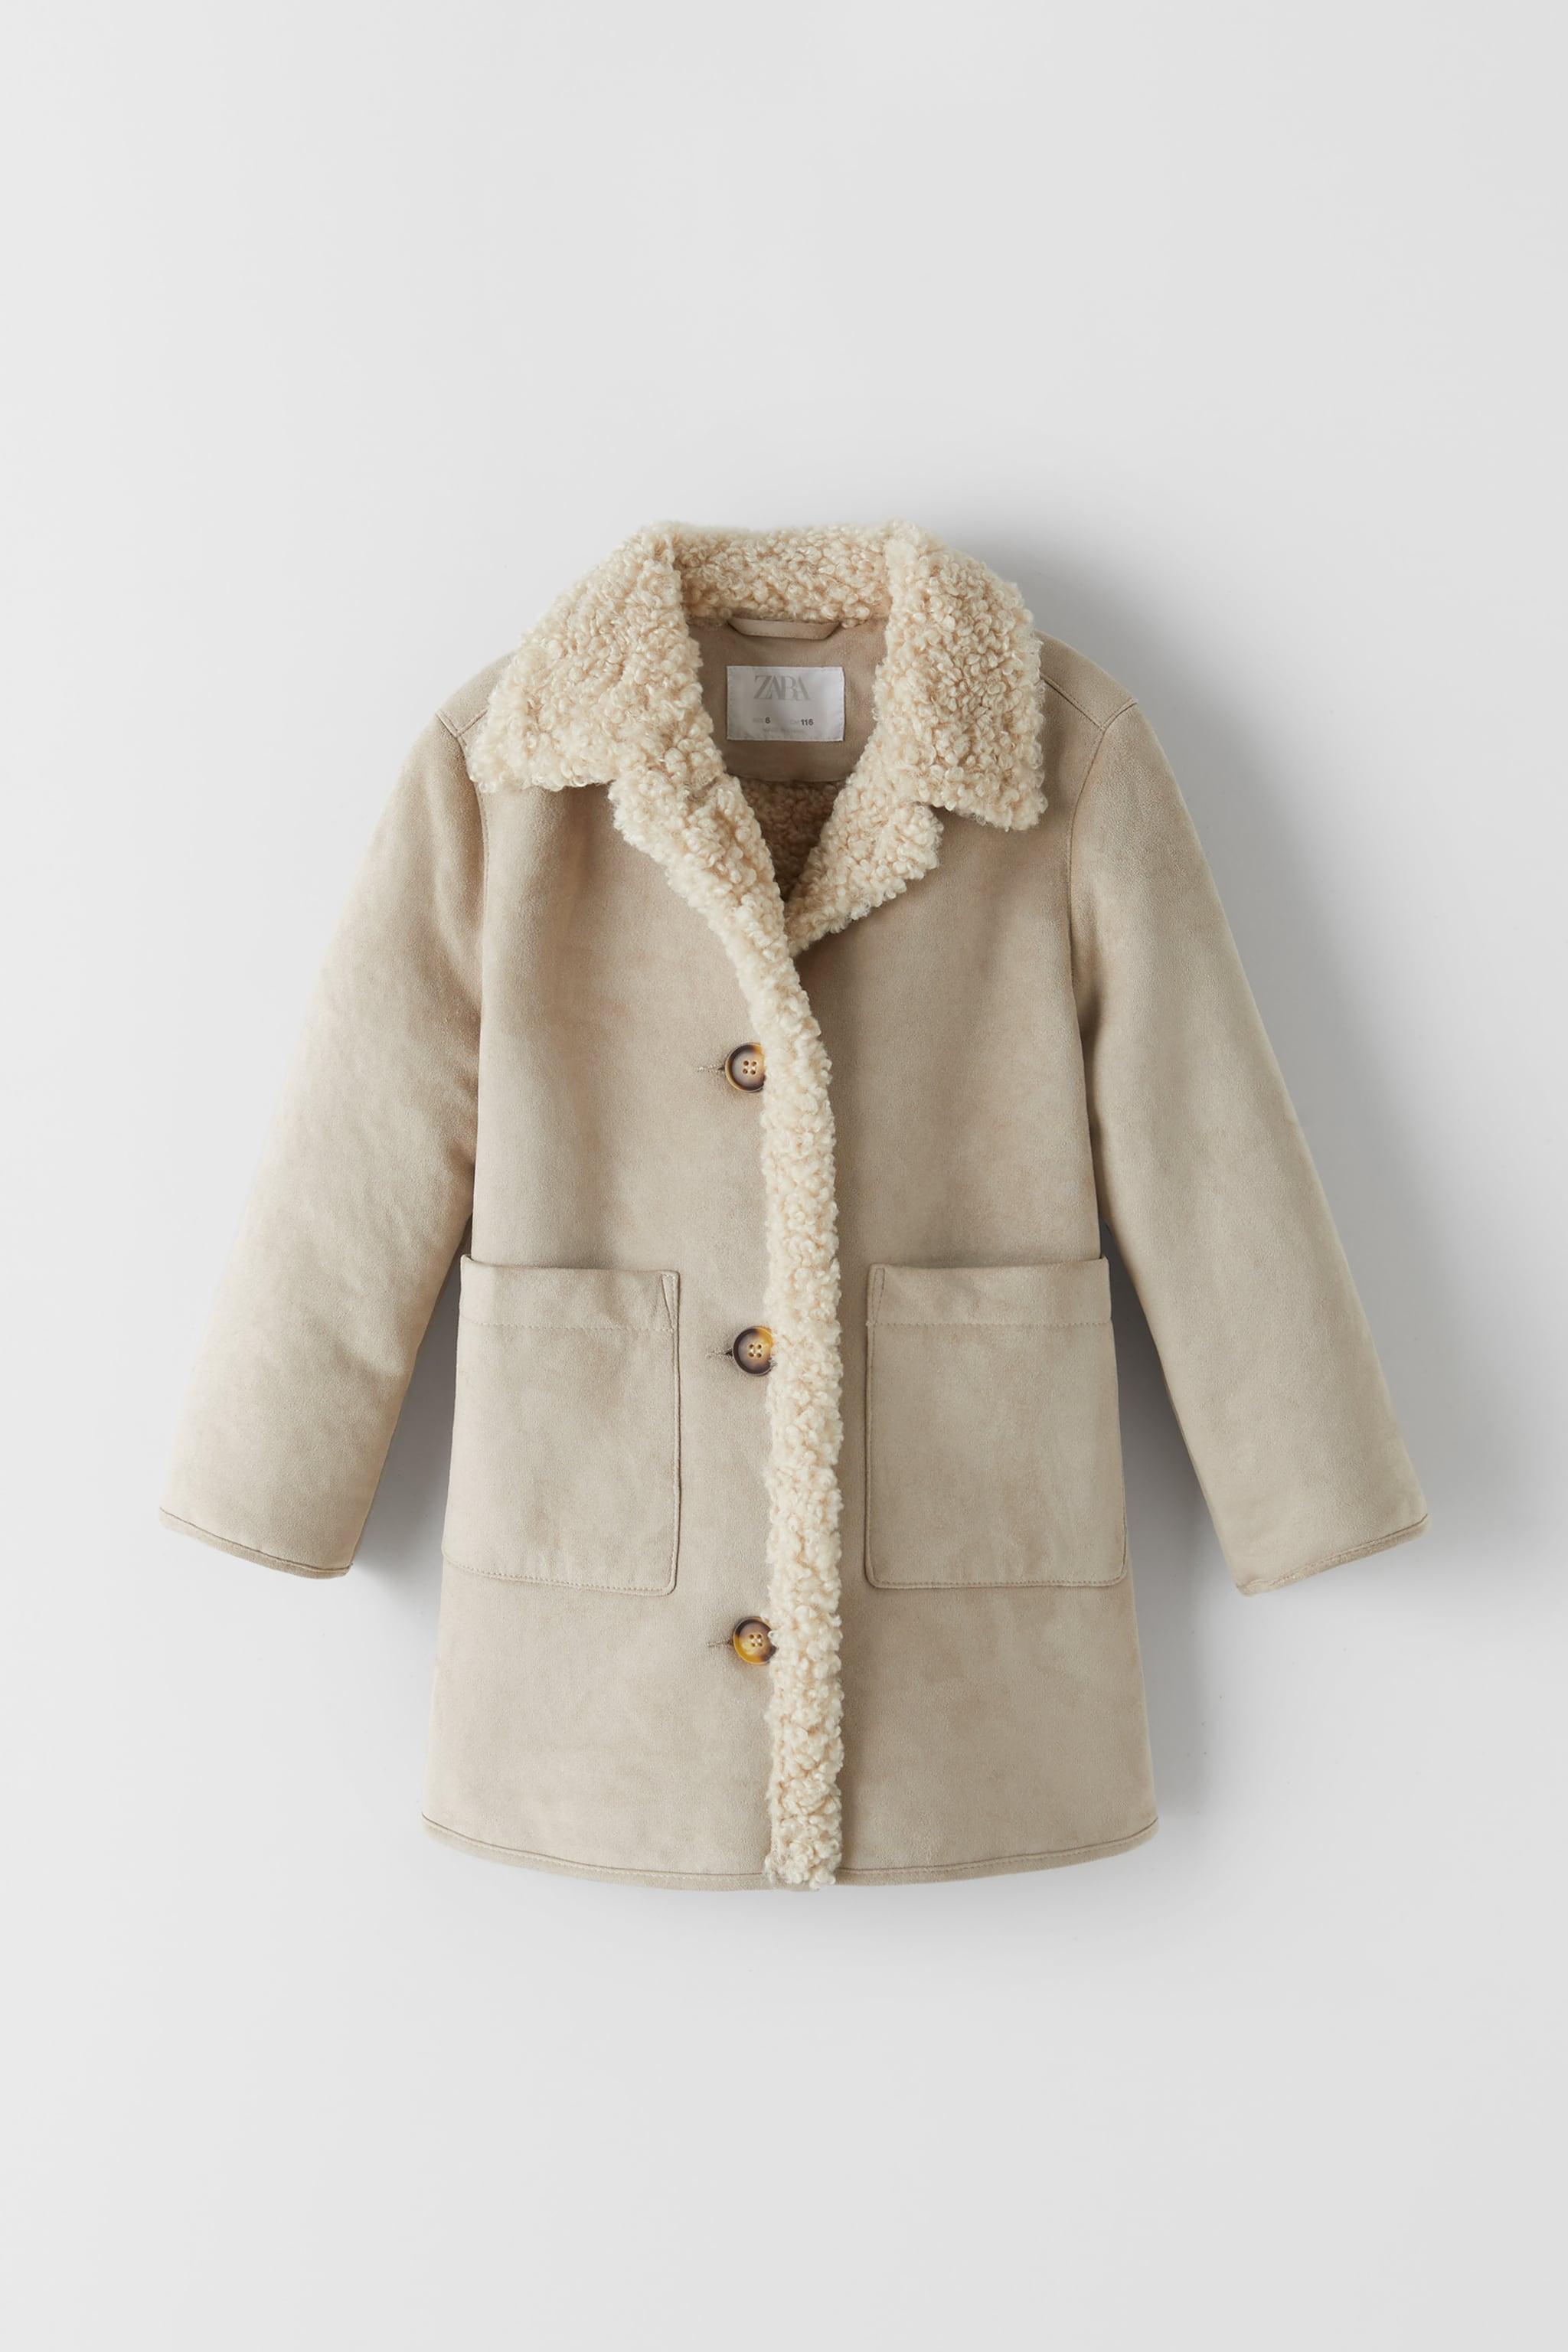 Zara DOUBLE SIDED FAUX SHEARLING COAT